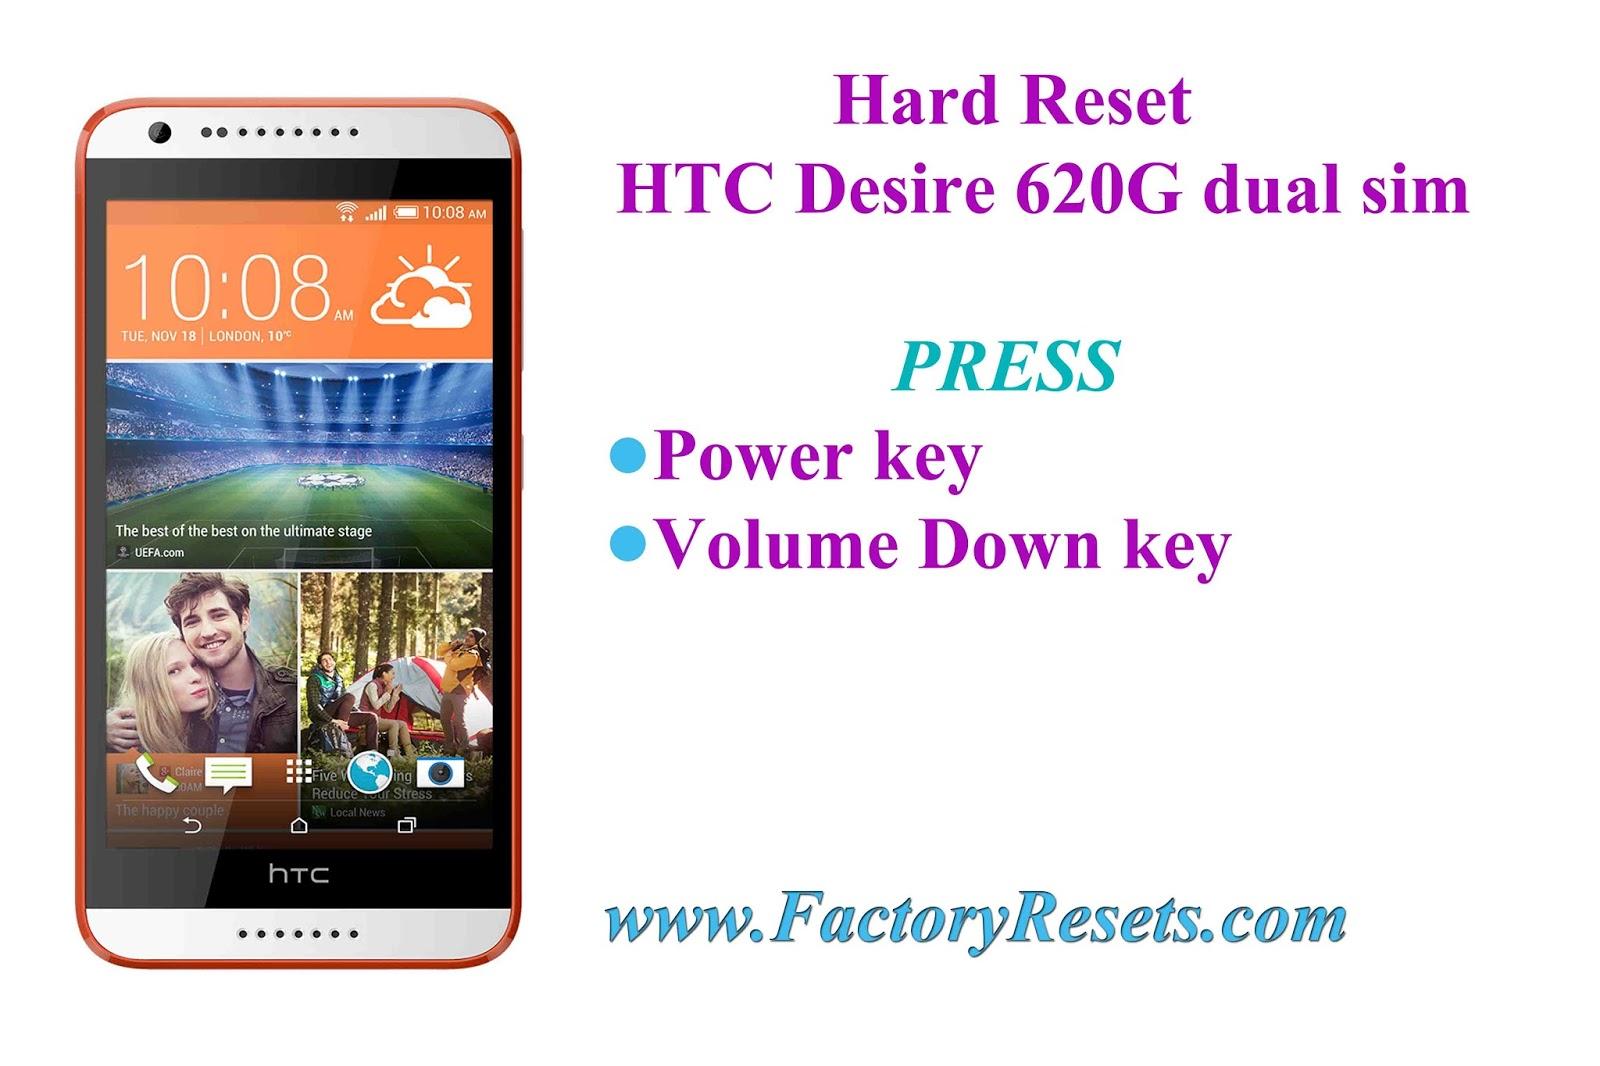 Htc 620g dual sim как сделать скриншот